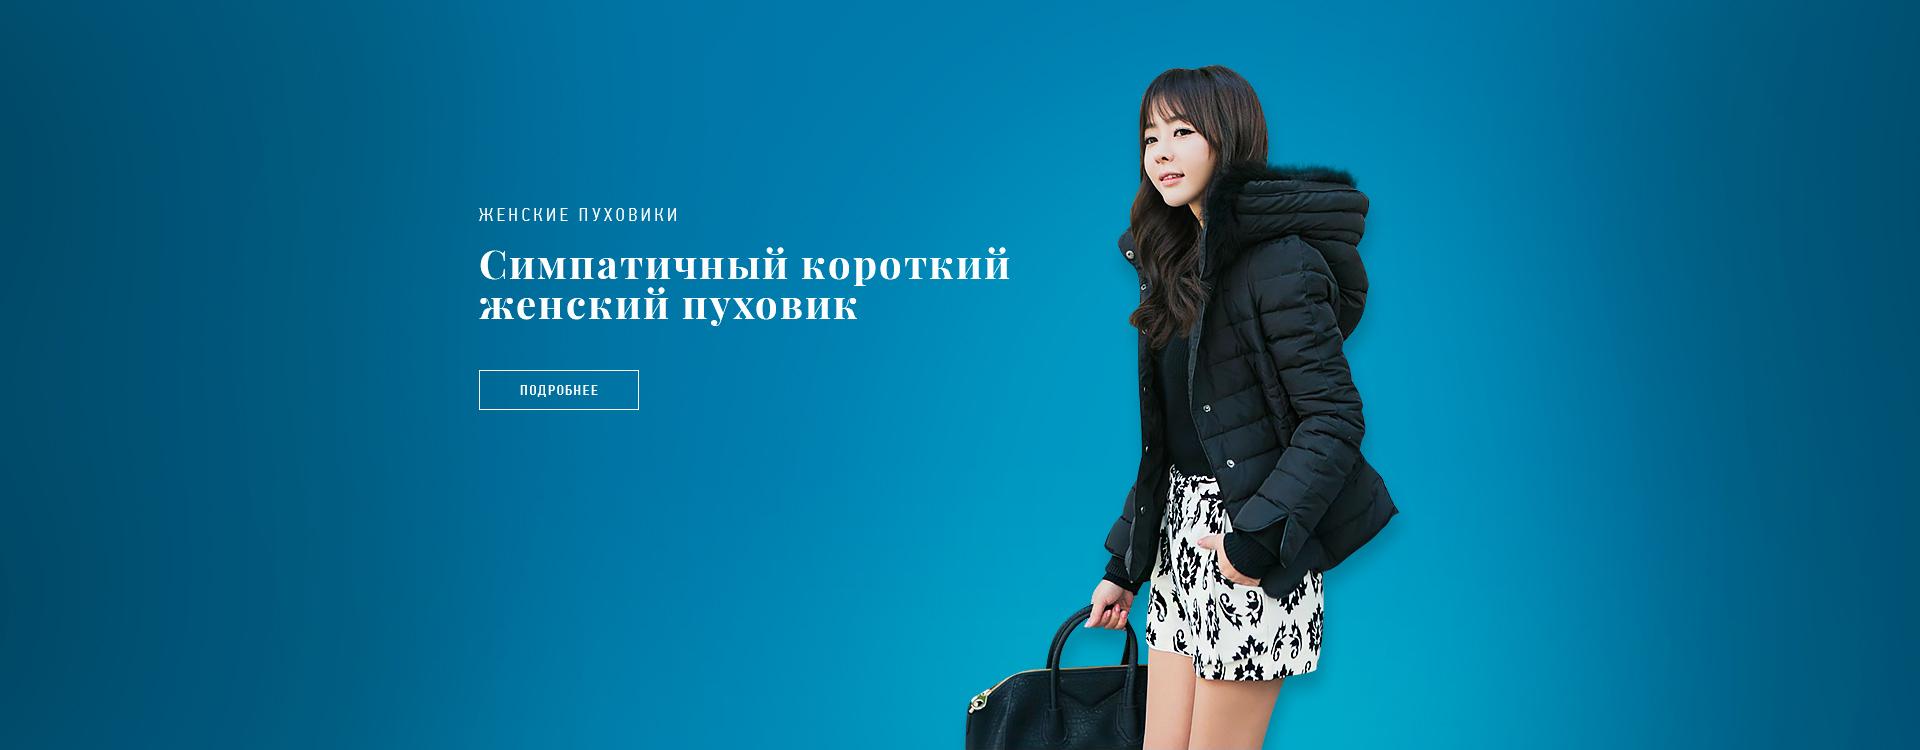 Женская Одежда Из Кореи Доставка